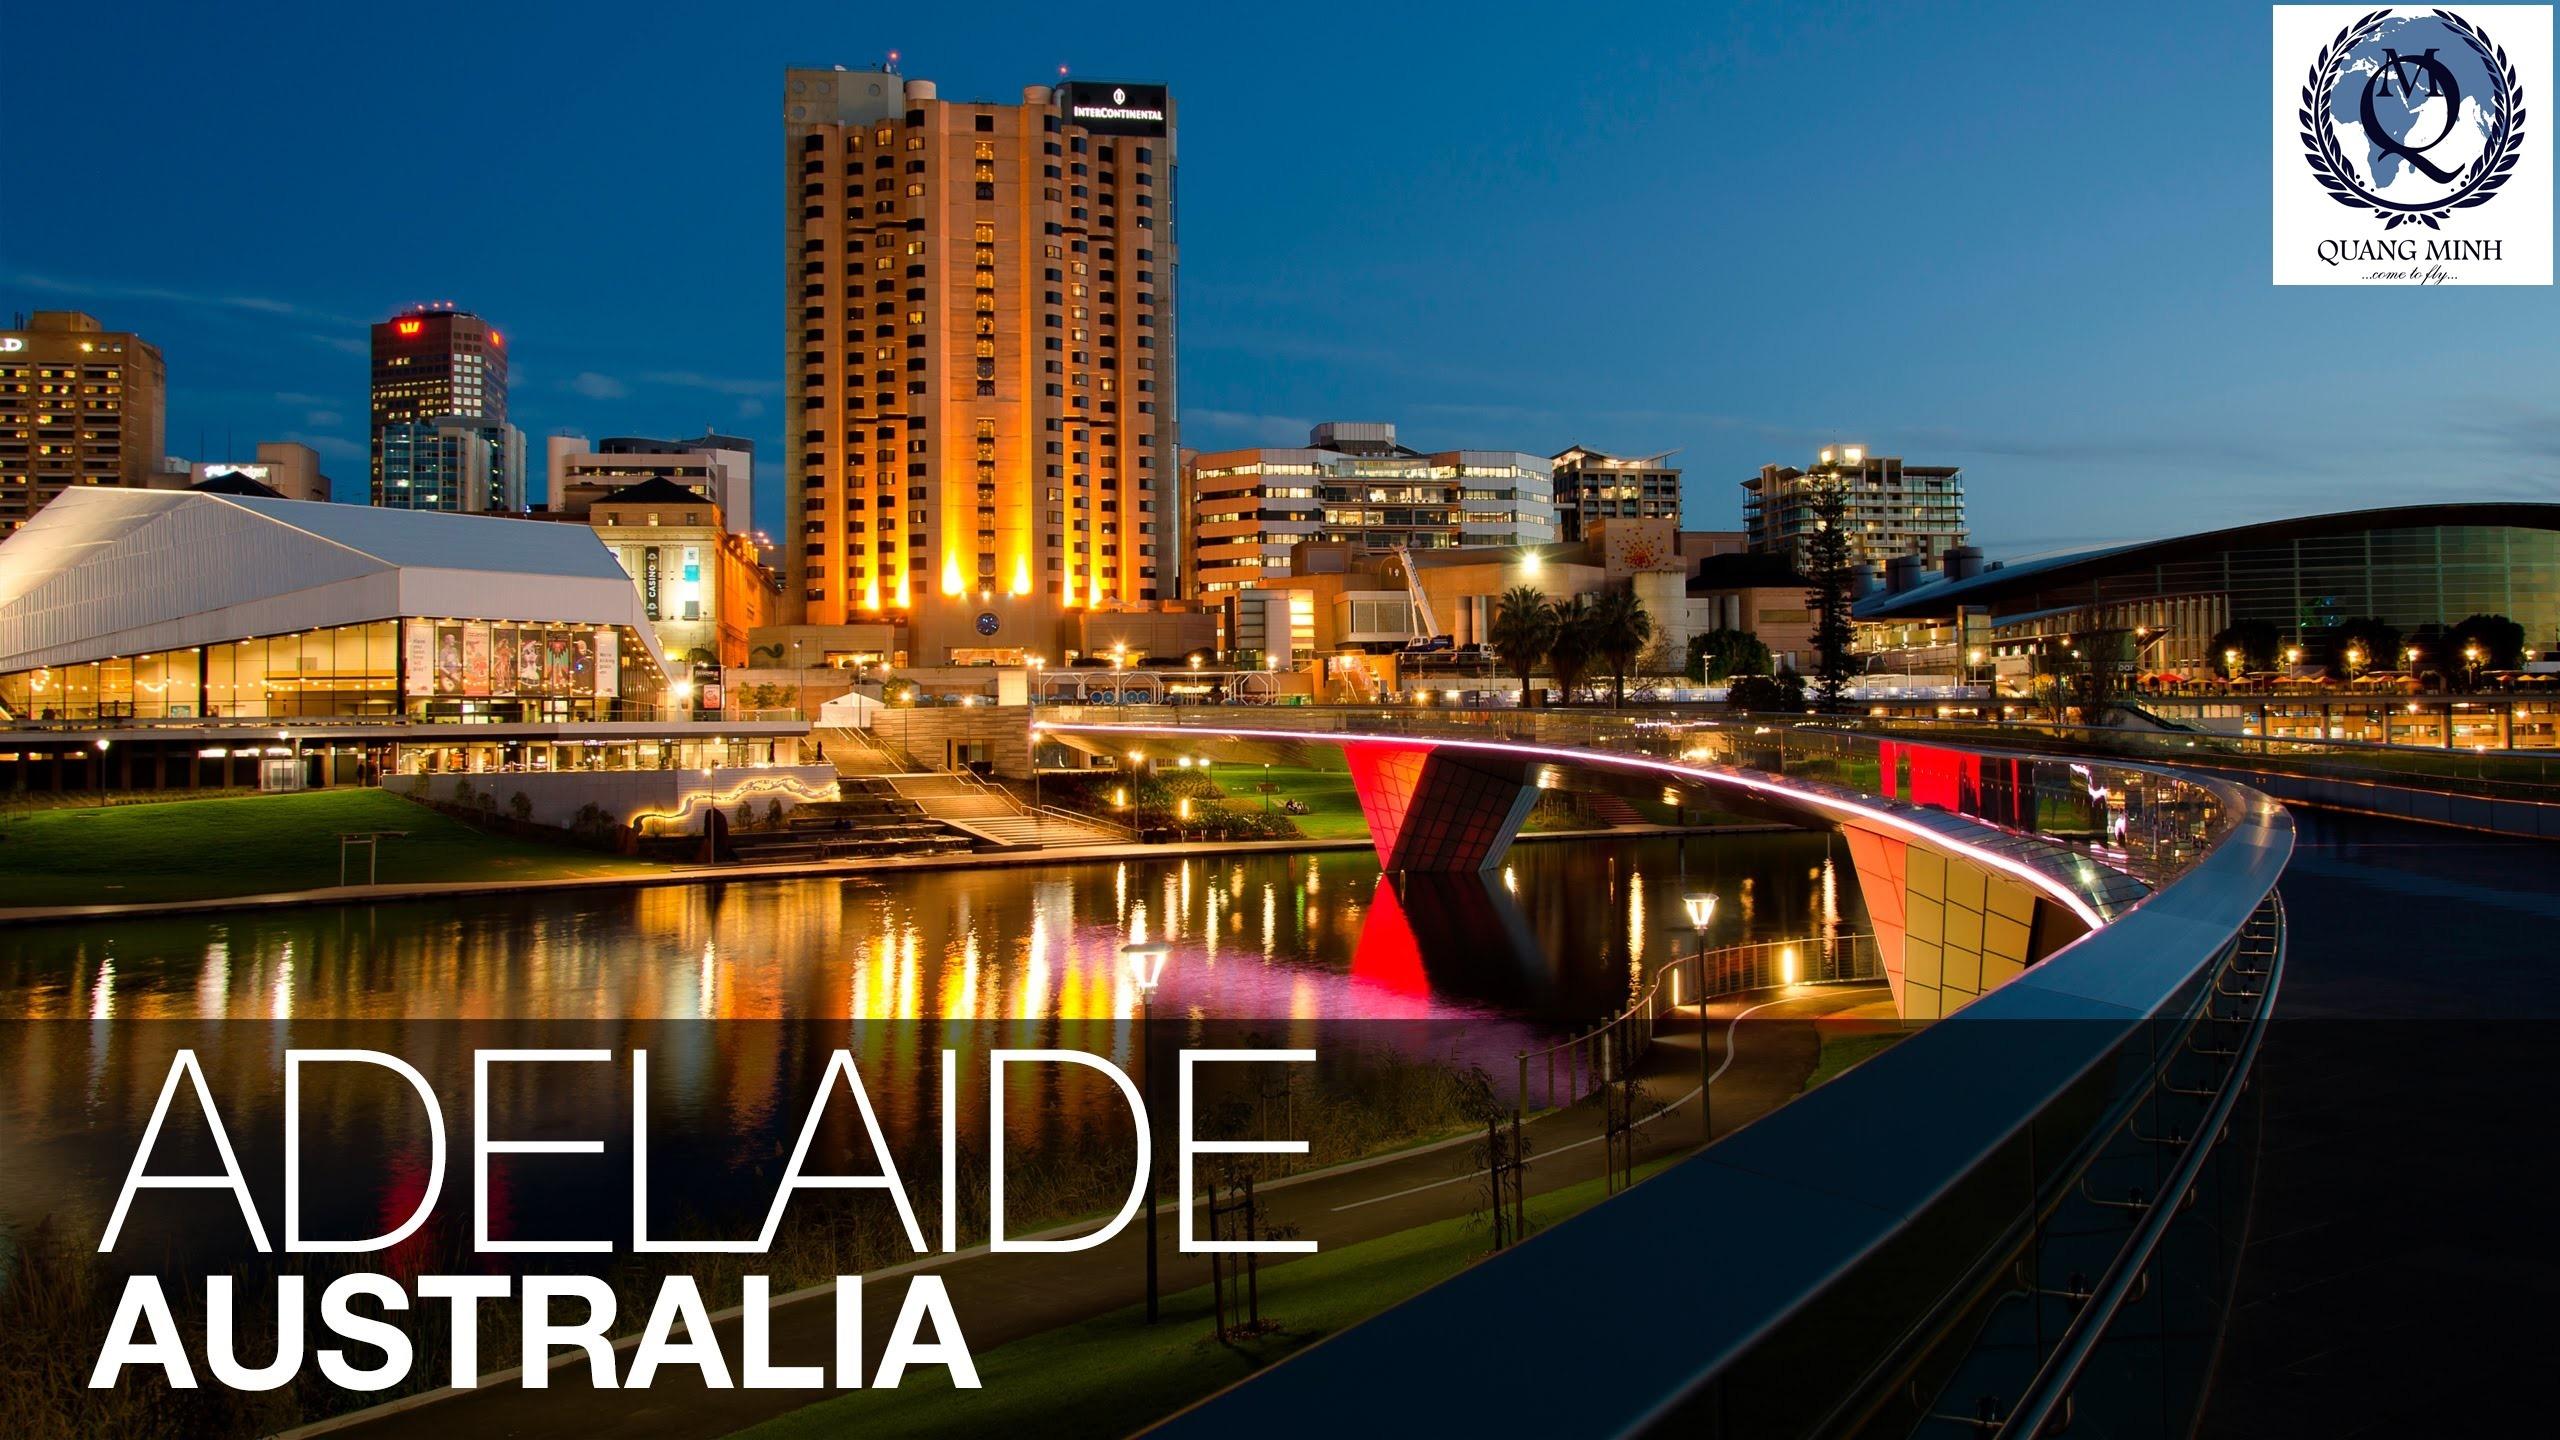 HỌC BỔNG NGHIÊN CỨU SAU ĐẠI HỌC SIÊU HẤP DẪN TẠI ĐẠI HỌC ADELADE AUSTRALIA